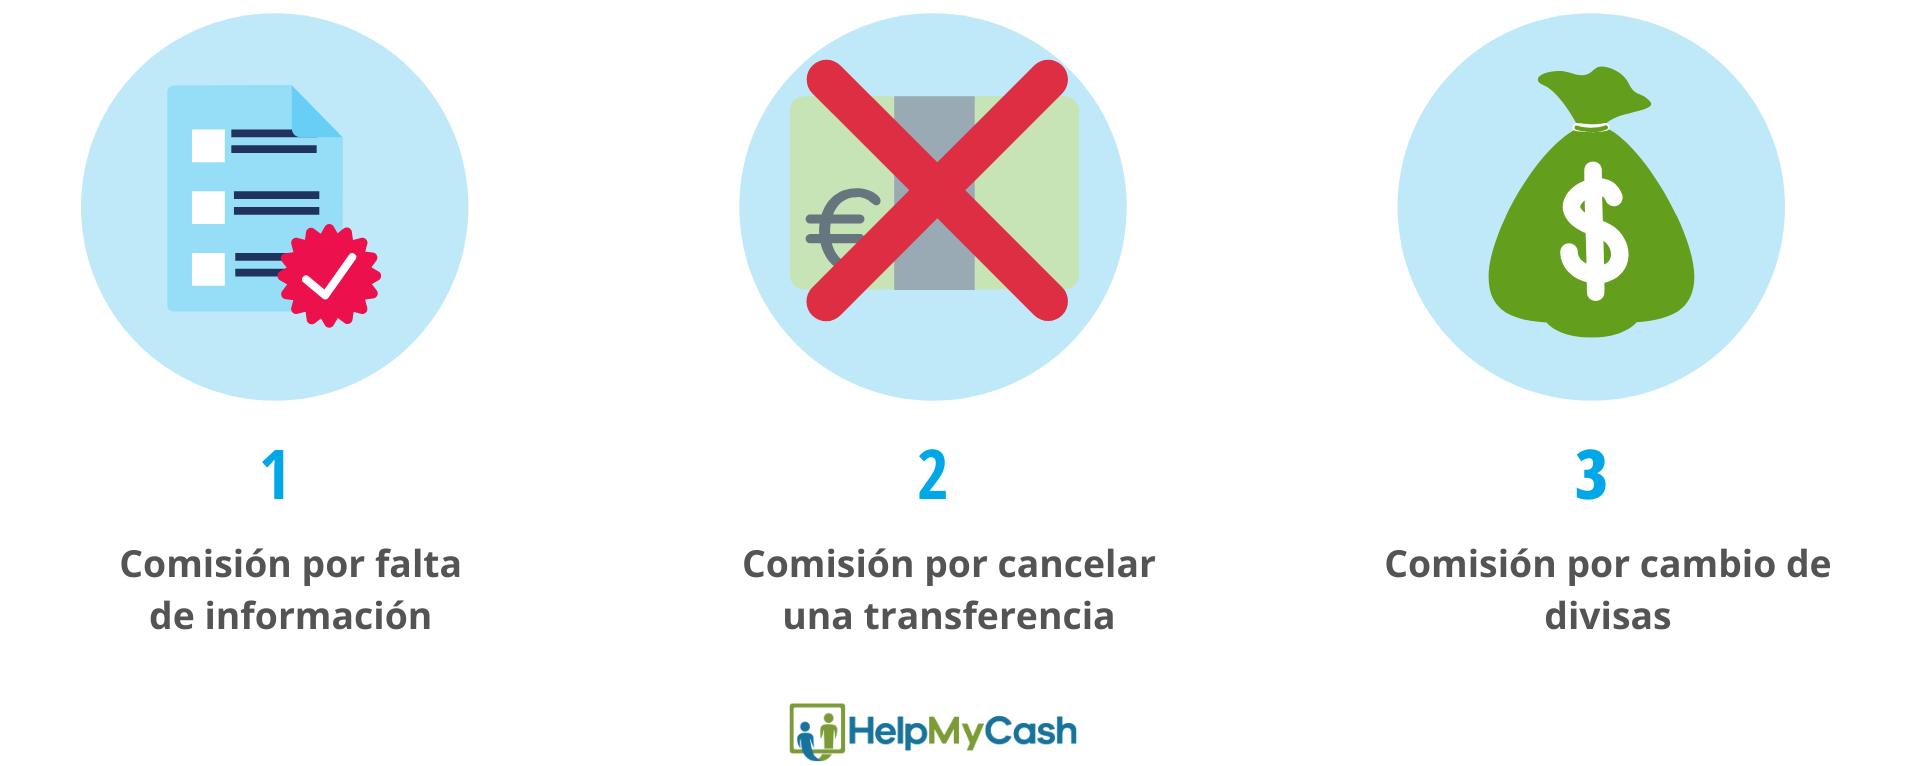 Comisiones puntuales de una transferencia bancaria: 1- comisión por falta de información. 2- comisión por cancelar una transferencia. 3- comisión por cambio de divisas